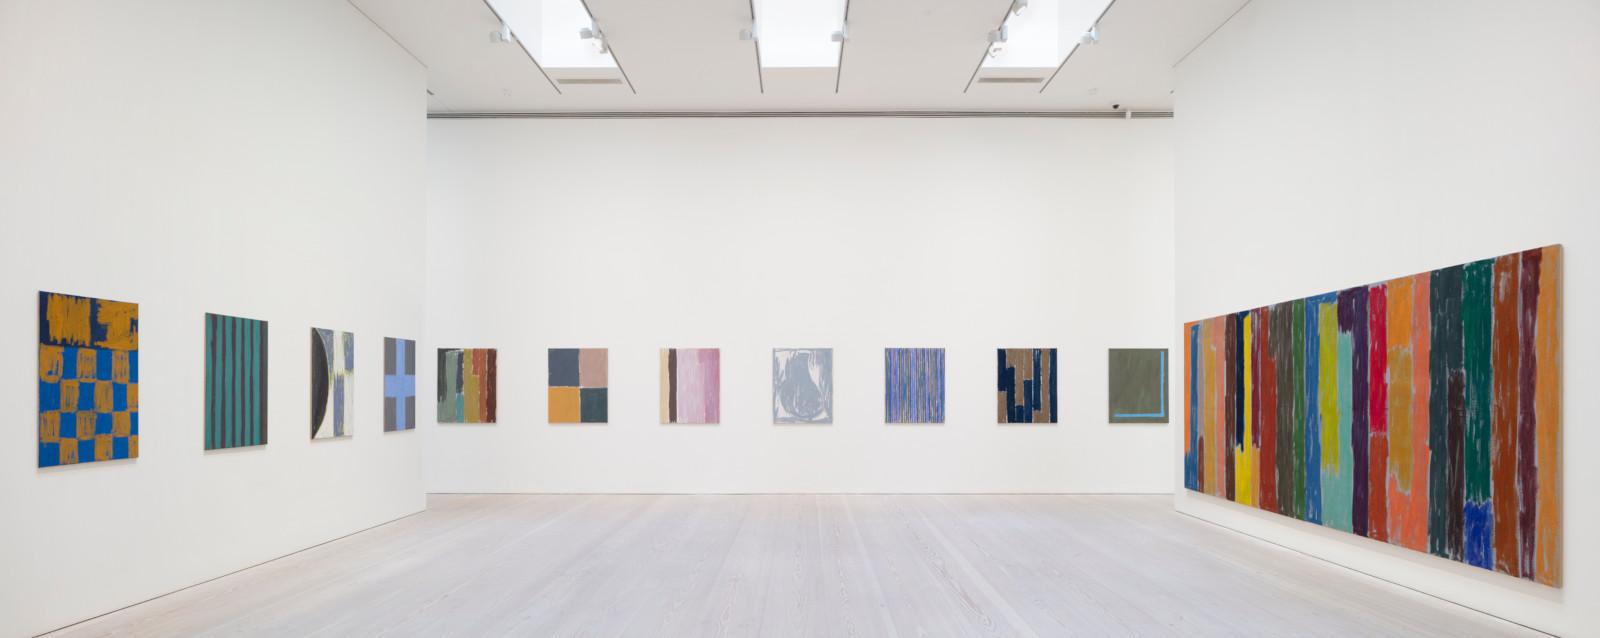 Galerie Forsblom Emanuel Seitz 1